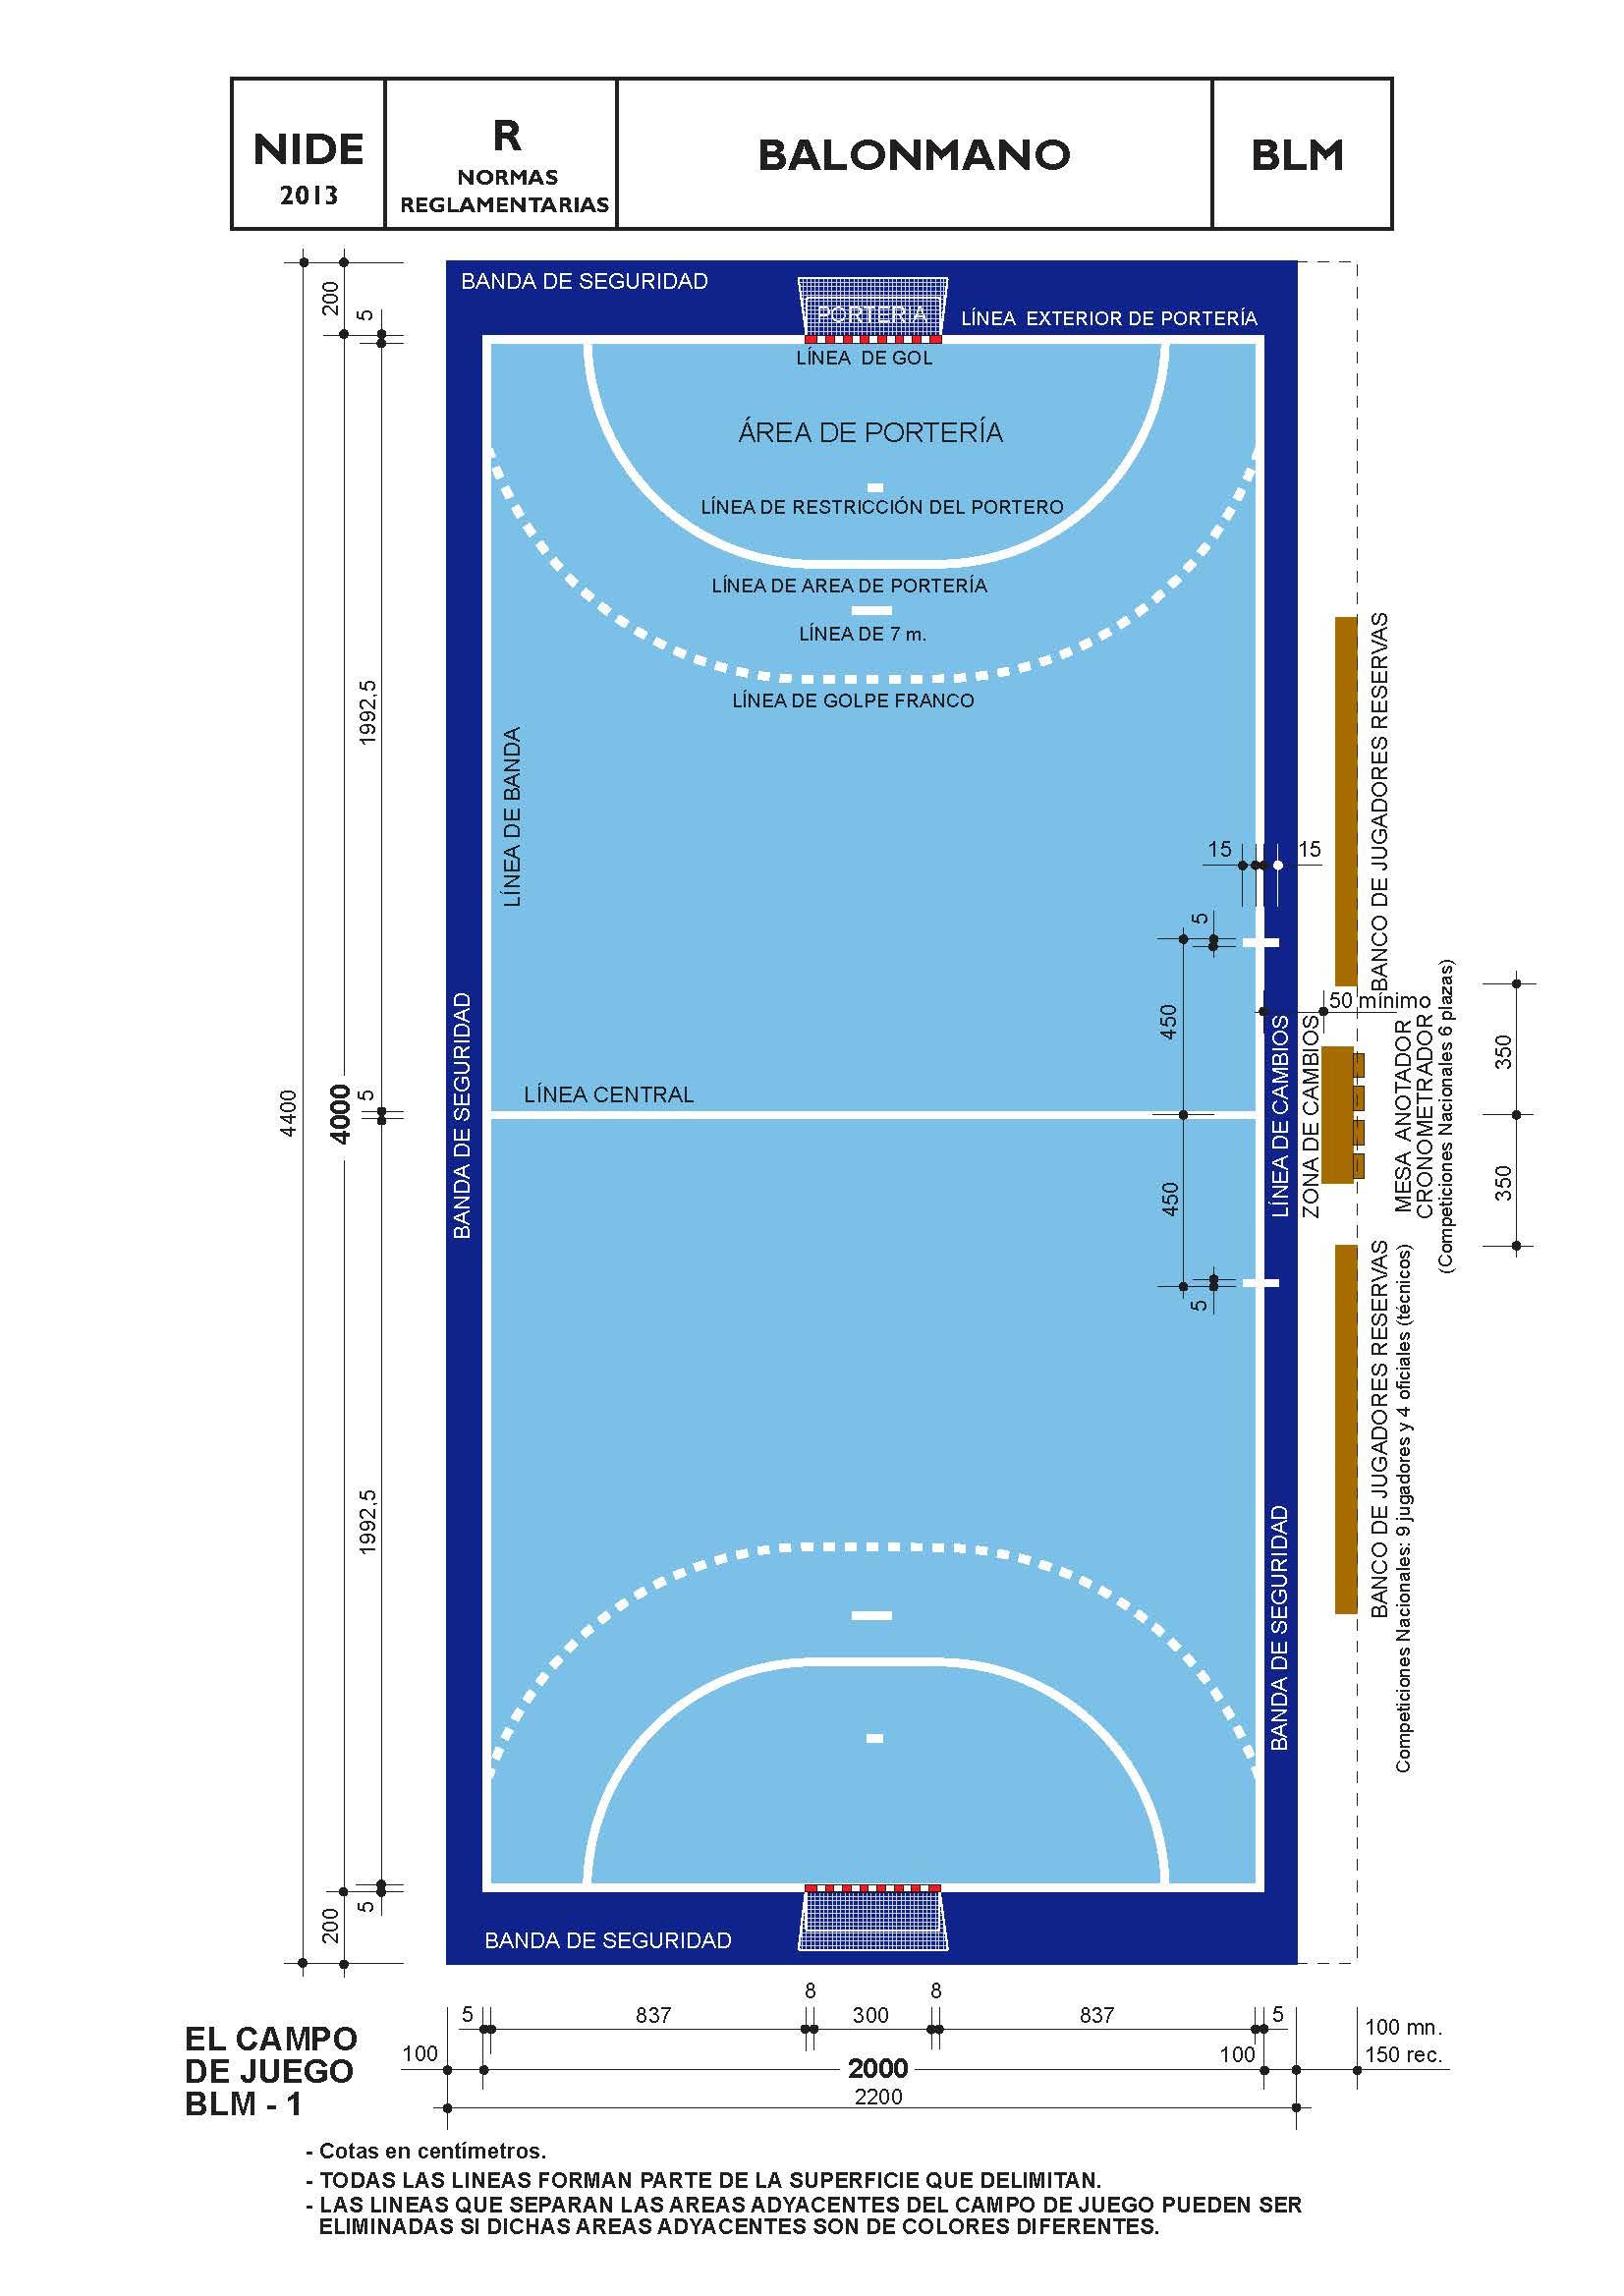 Pista futbol sala dimensiones qu dimensiones debe tener for Pista de futbol sala medidas